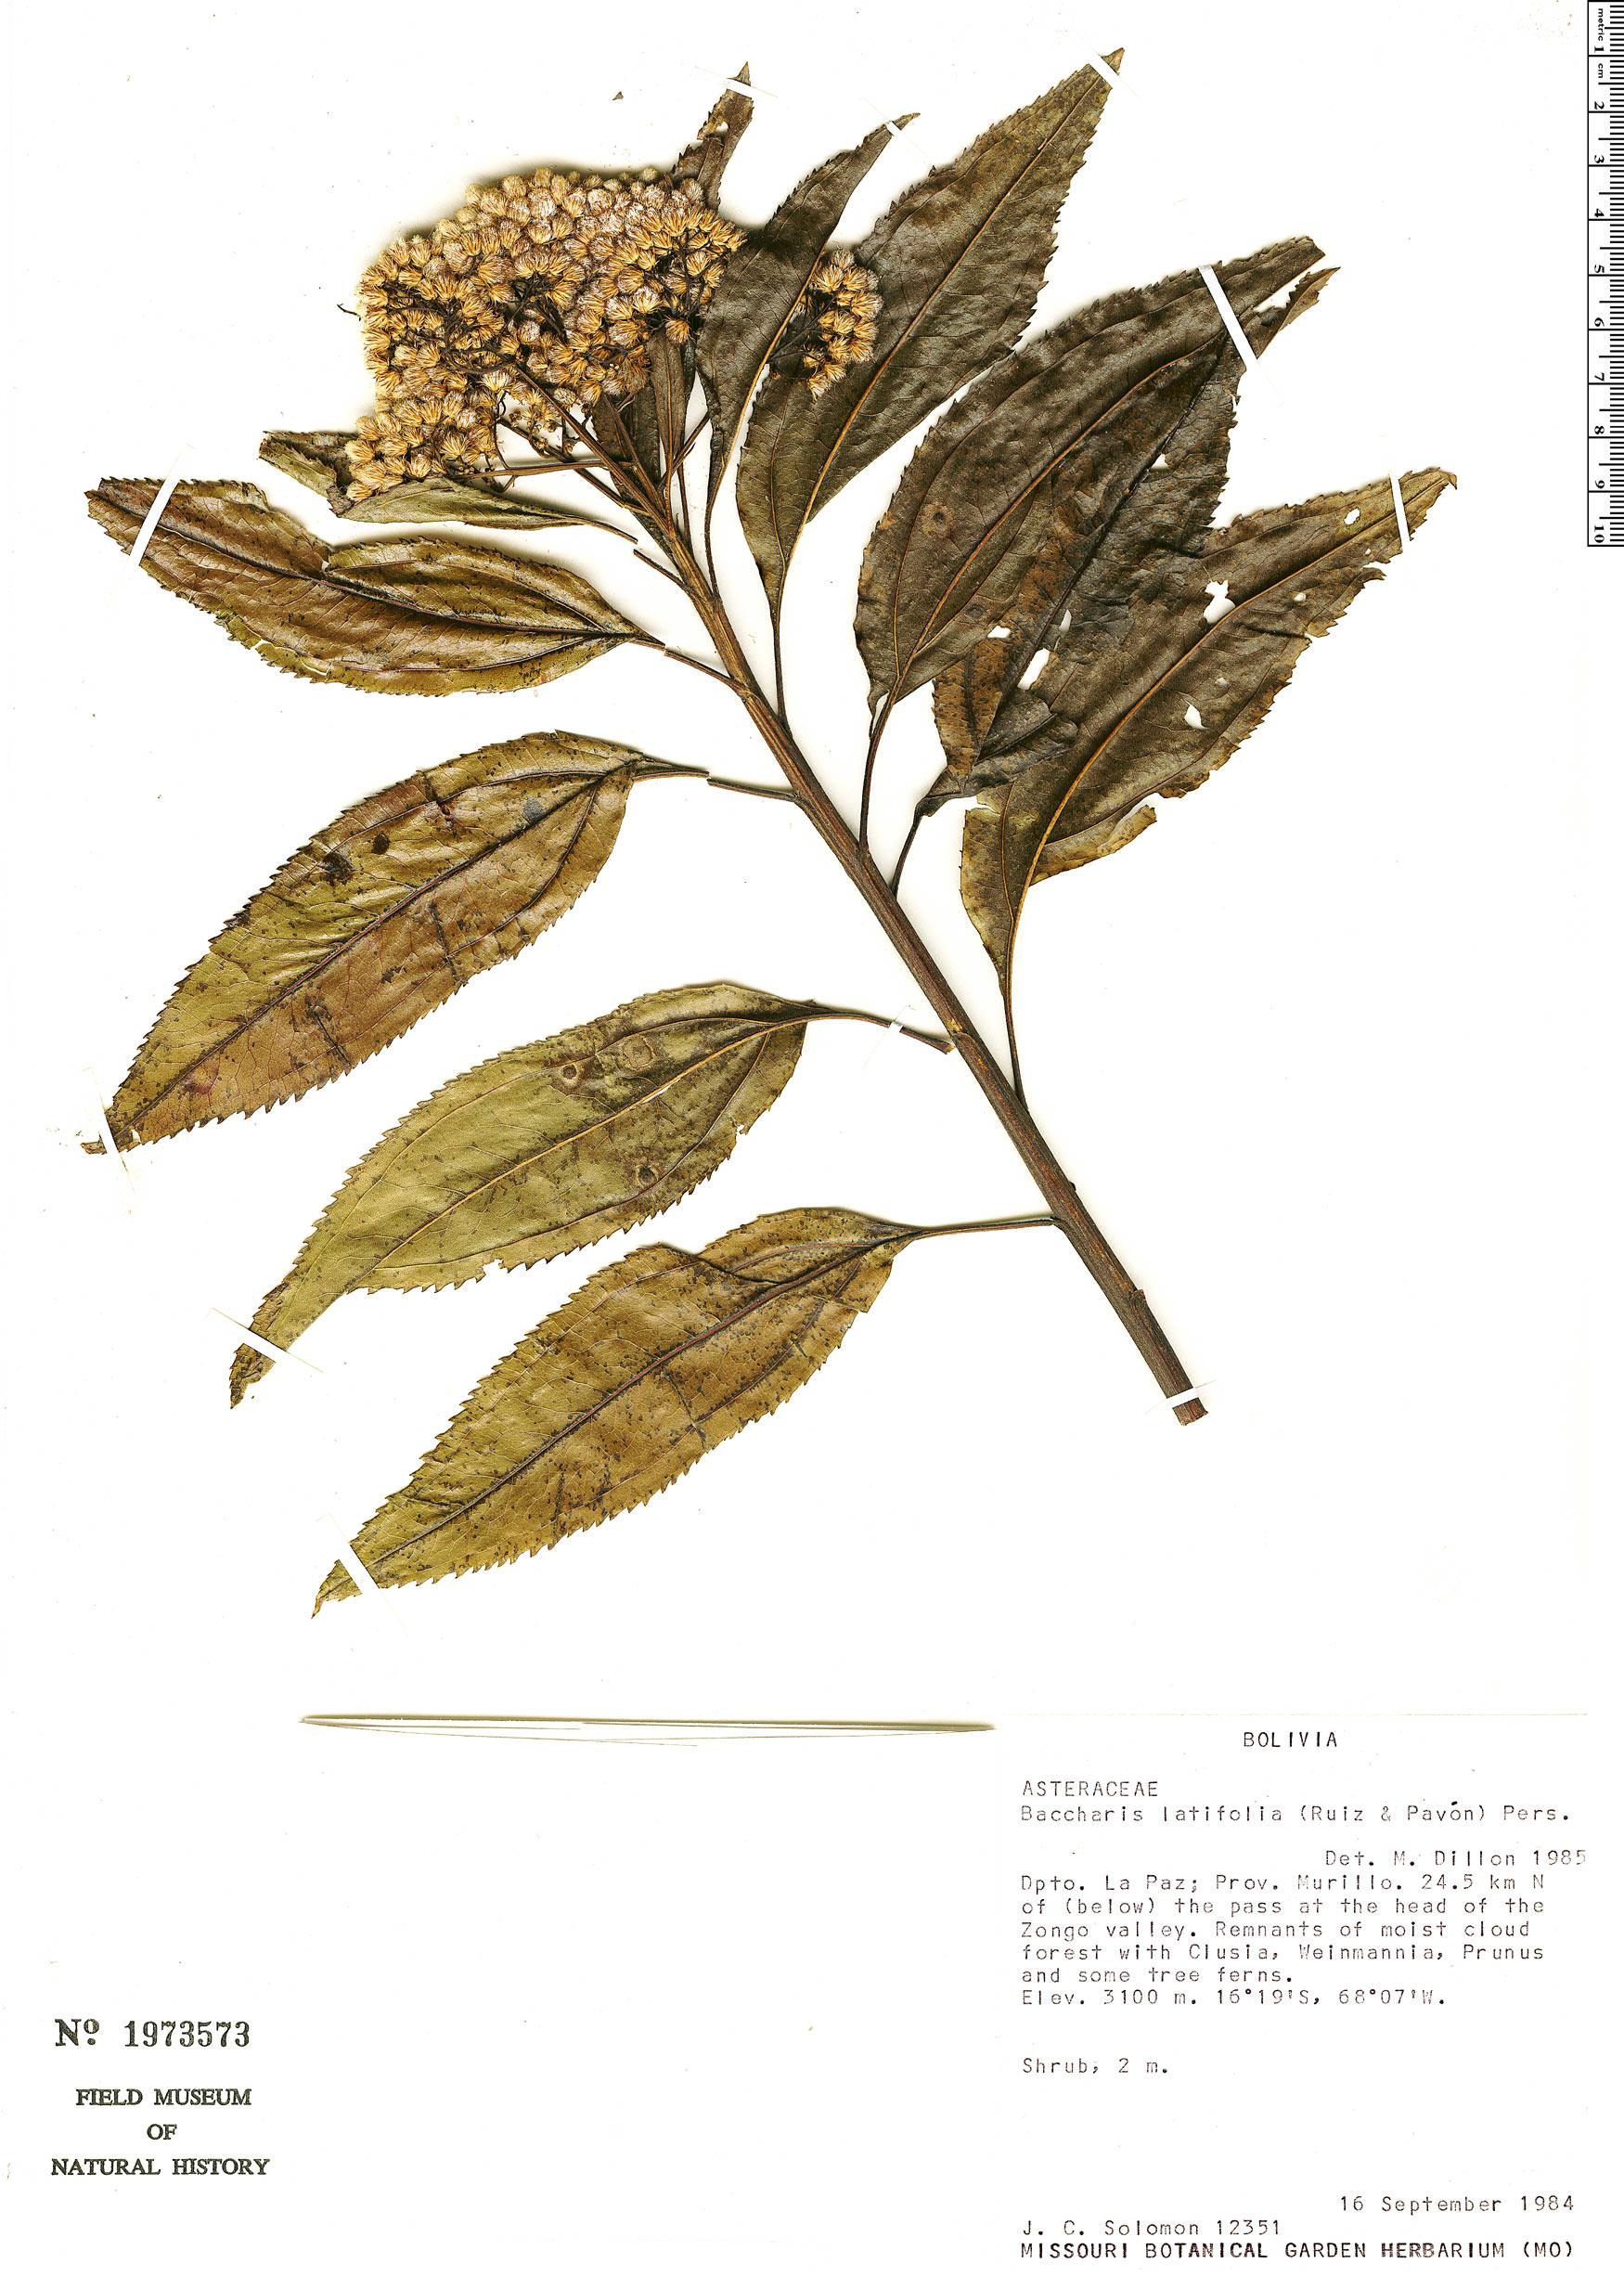 Specimen: Baccharis latifolia